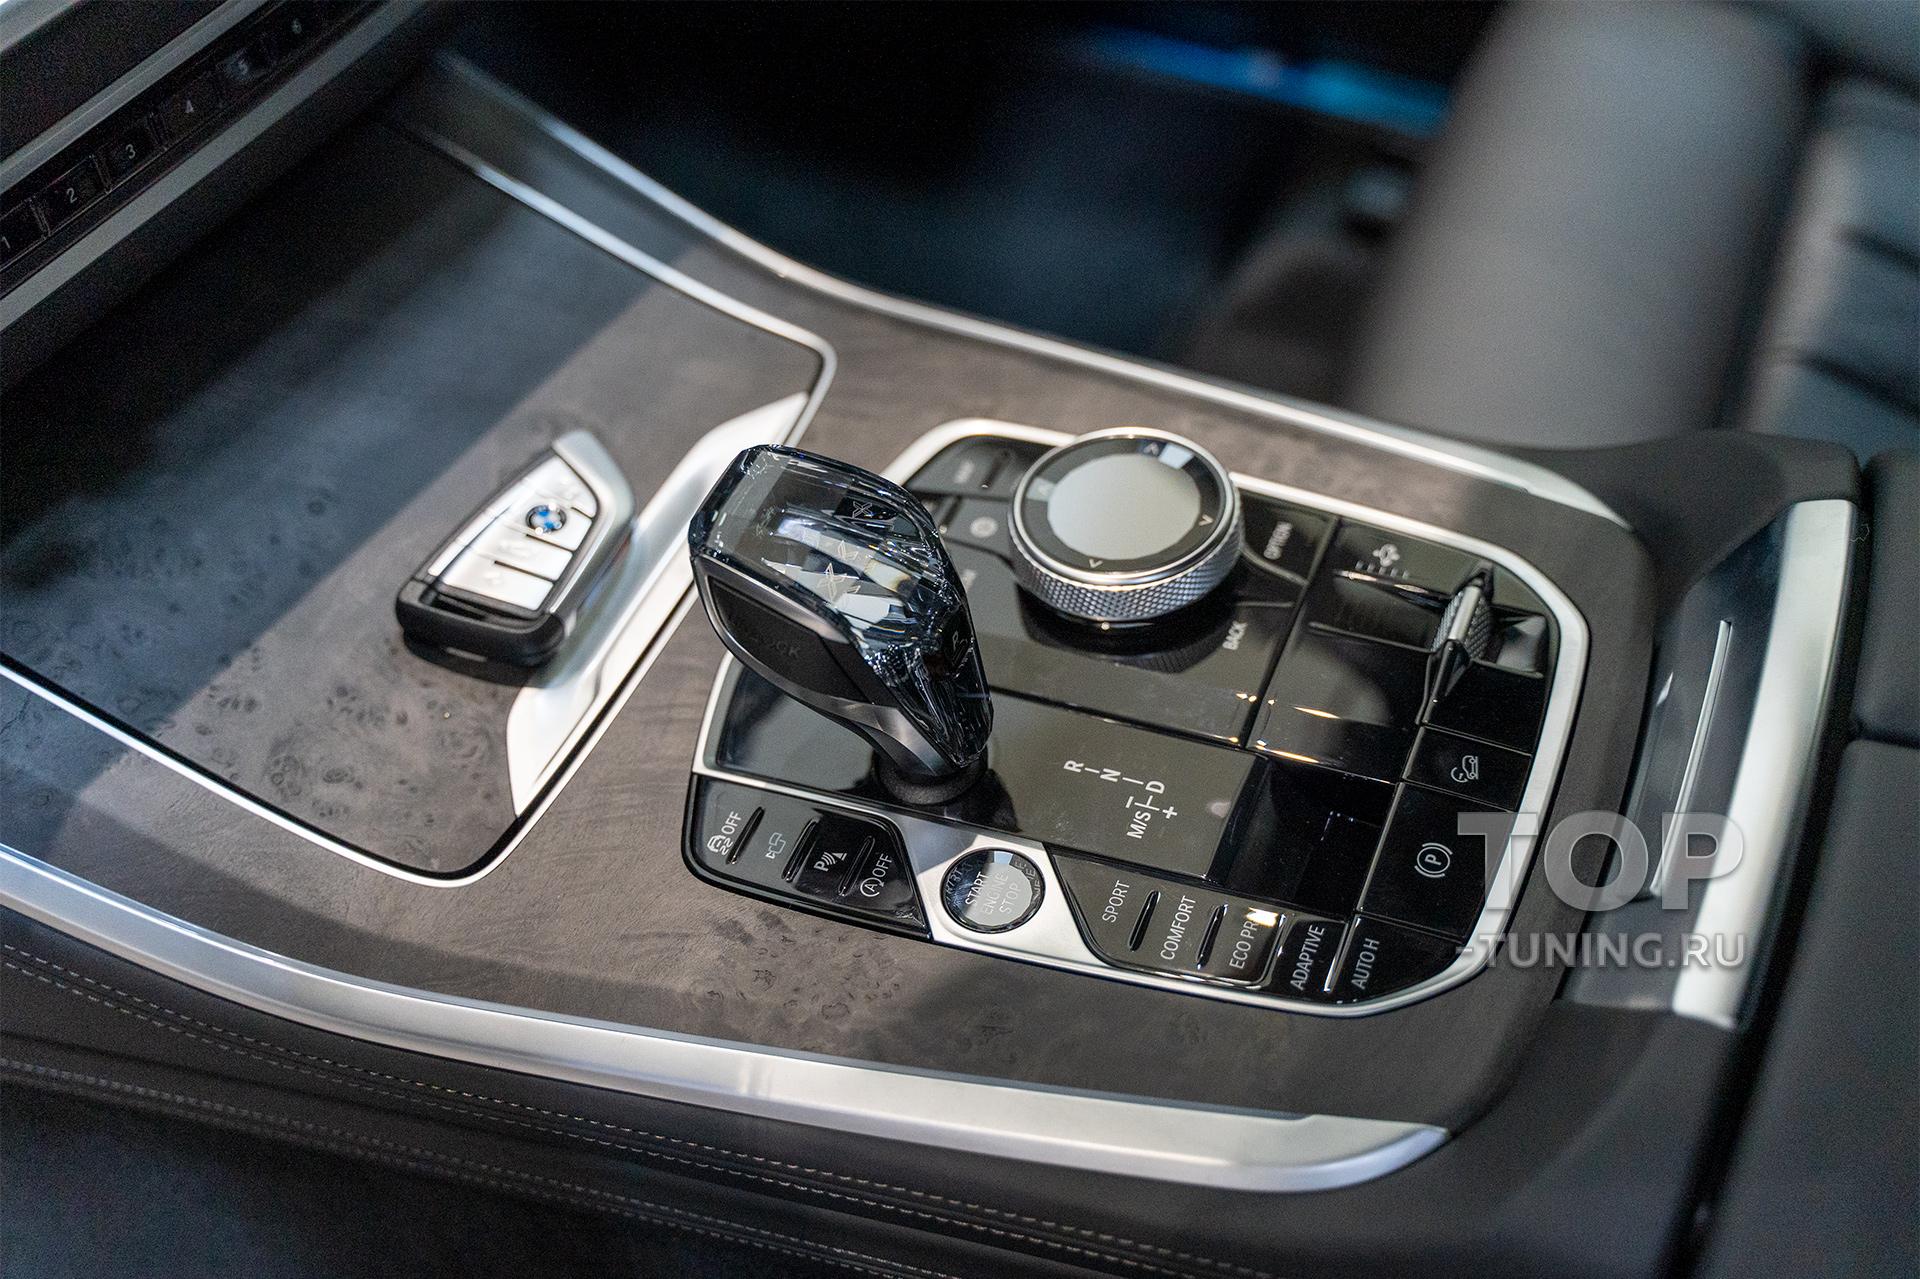 Консоль управления для стеклянных аксессуаров Glass Clarity X5 - X6 -X7